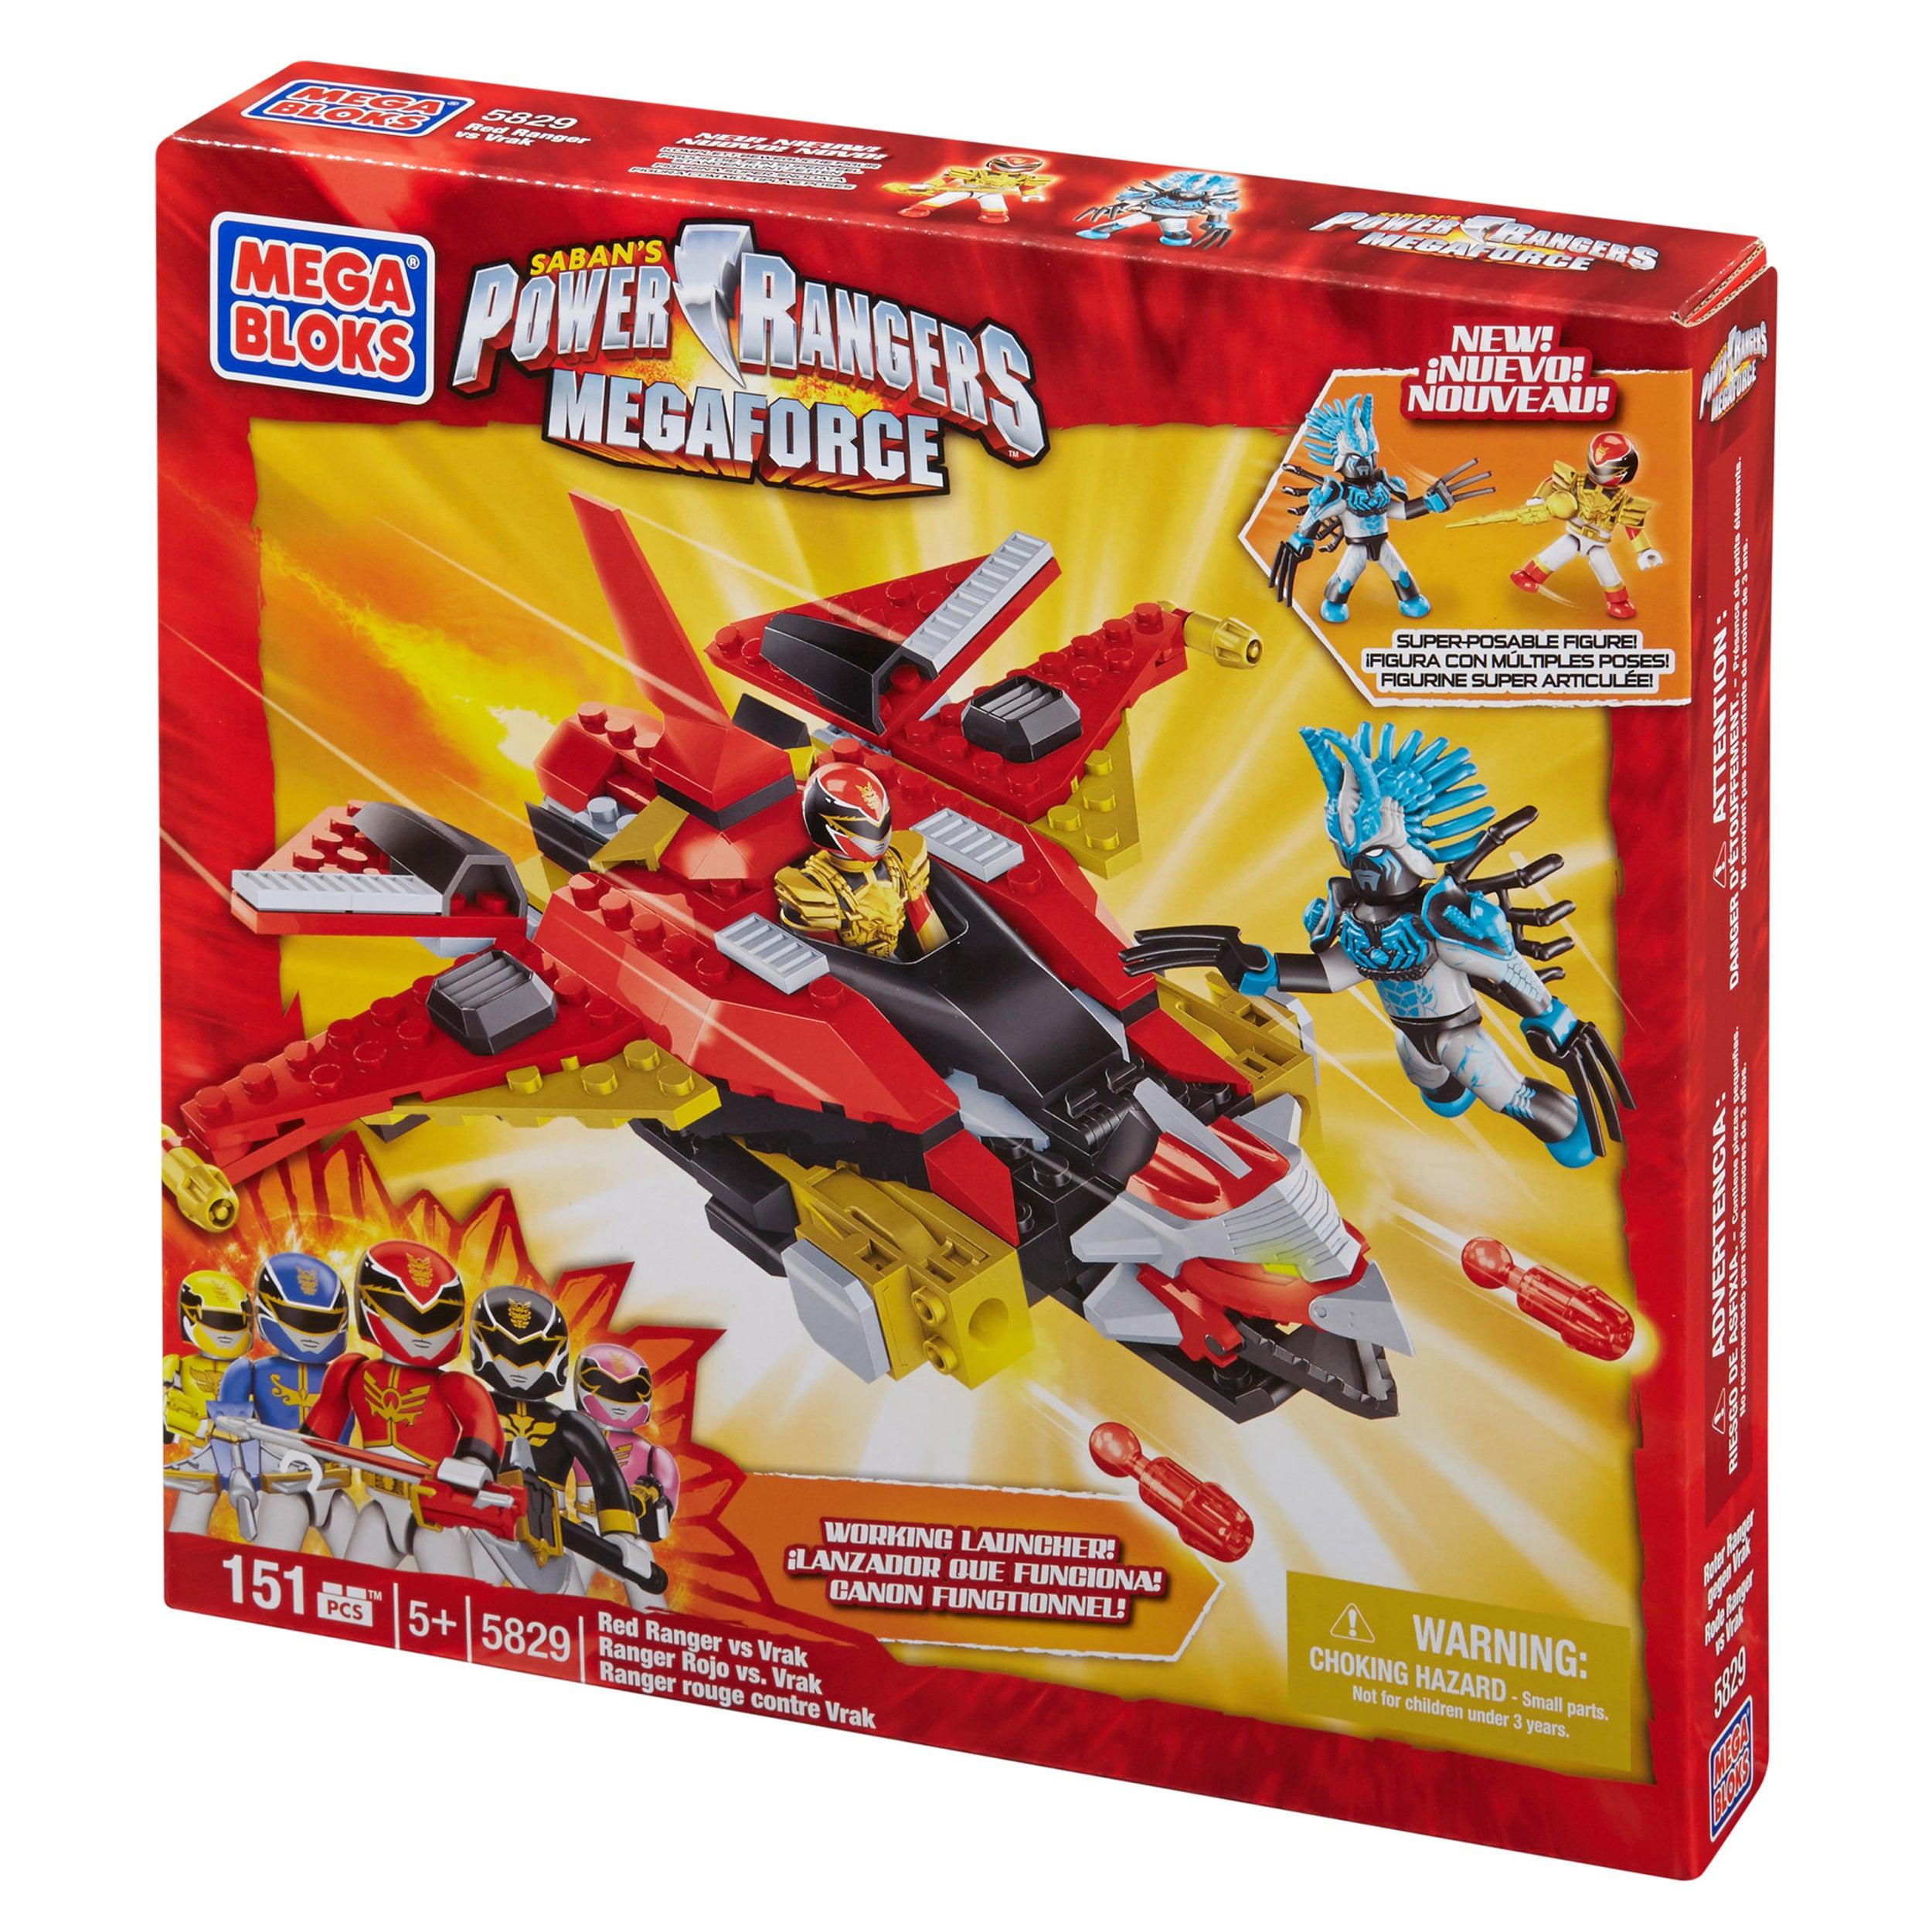 Mega Bloks Power Rangers Megaforce Red Ranger vs. Vrak at Sears.com